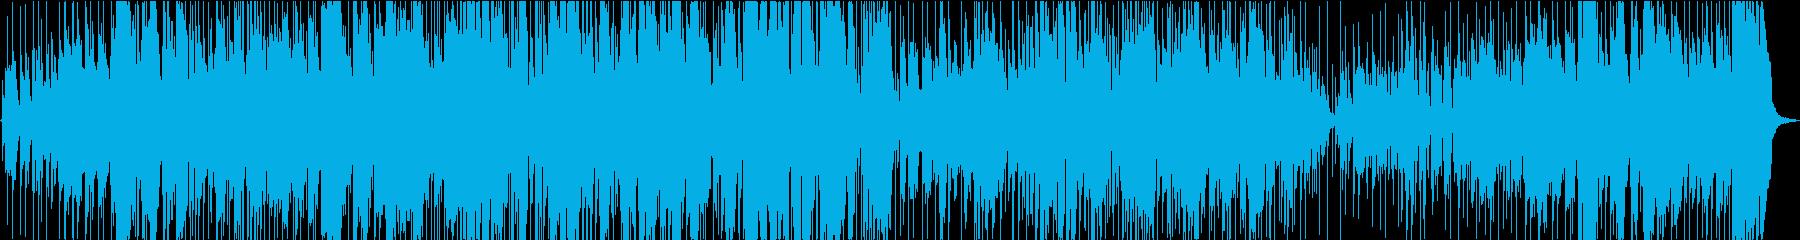 標準ジャズ。ボレロとチャチャチャジ...の再生済みの波形